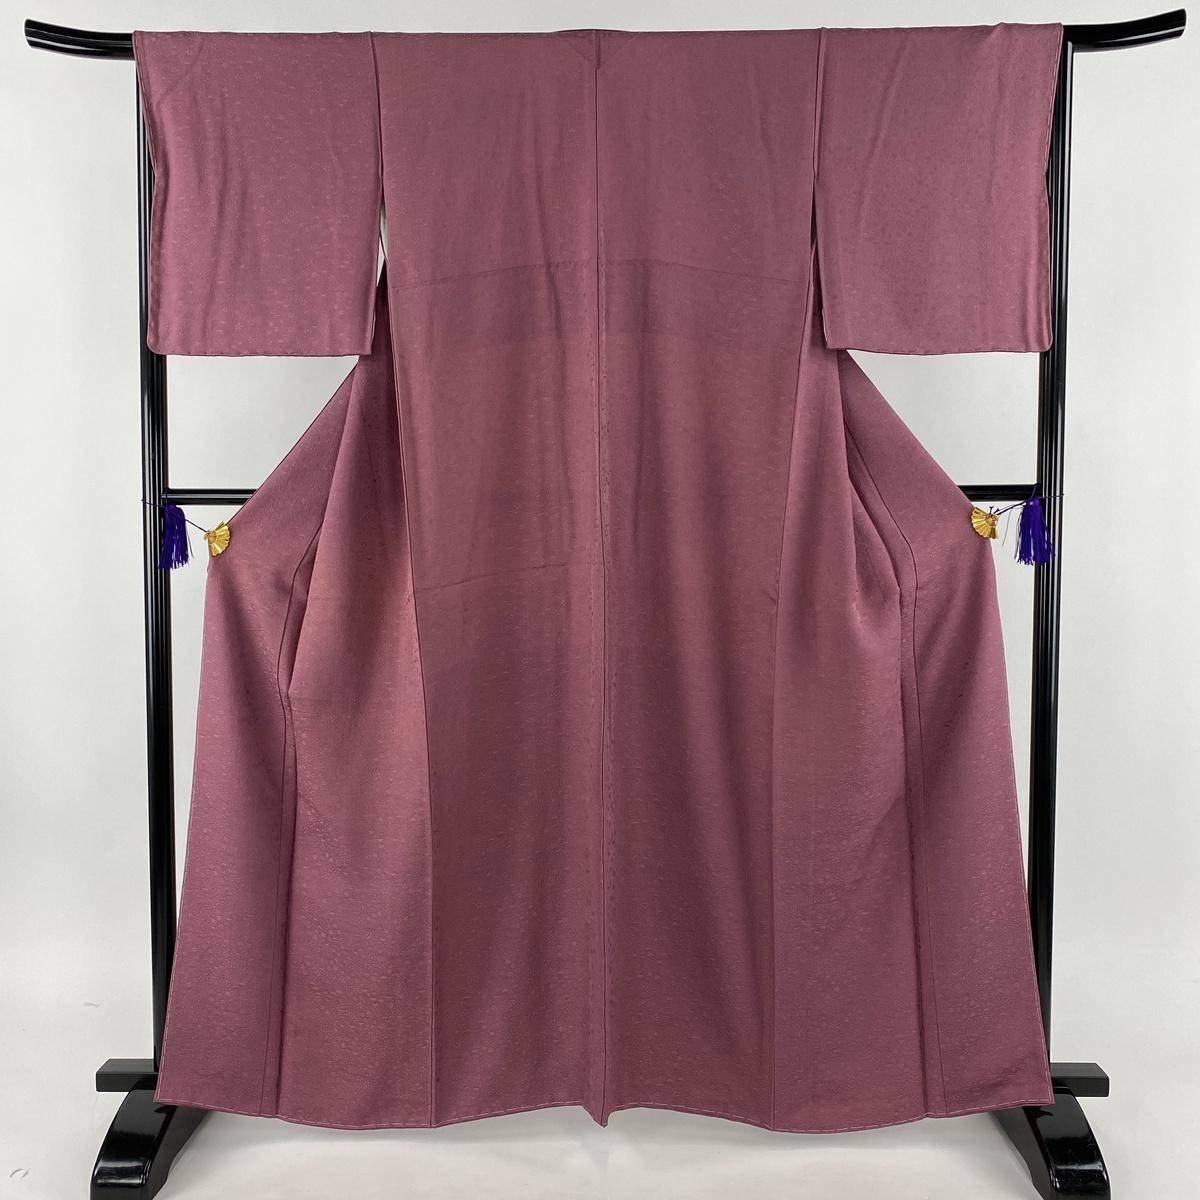 色無地 美品 秀品 地紋 赤紫 袷 身丈162cm 裄丈66.5cm M 正絹 【中古】